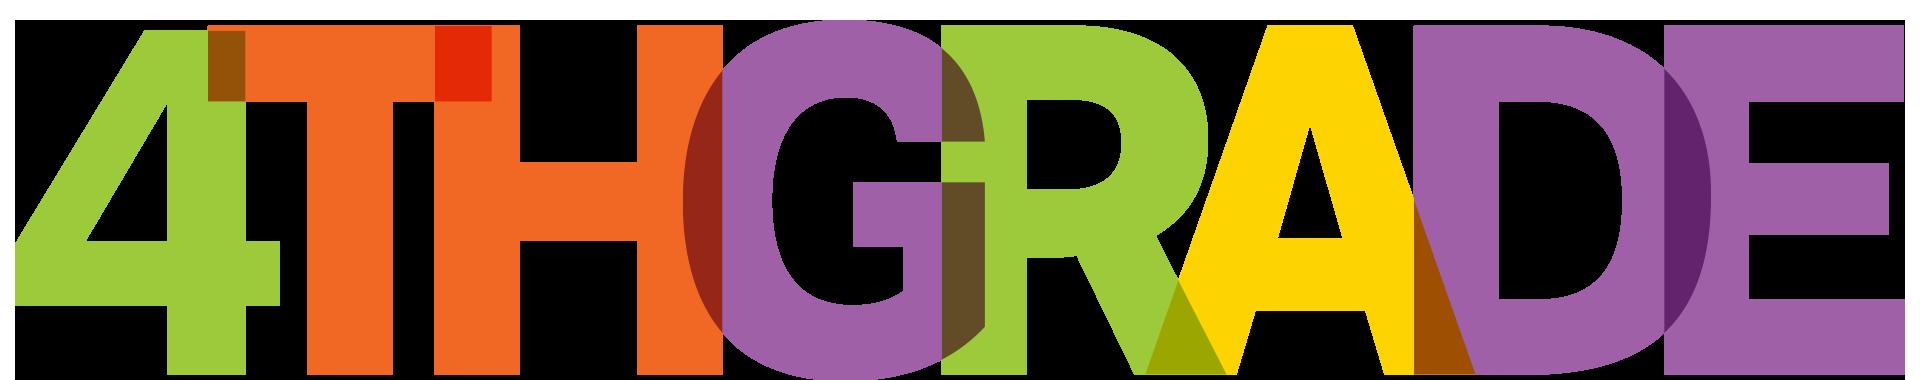 4th grade trip clipart graphic royalty free stock Conoce a la maestra – Midglisa Ruiz – Arco Iris Spanish Immersion School graphic royalty free stock